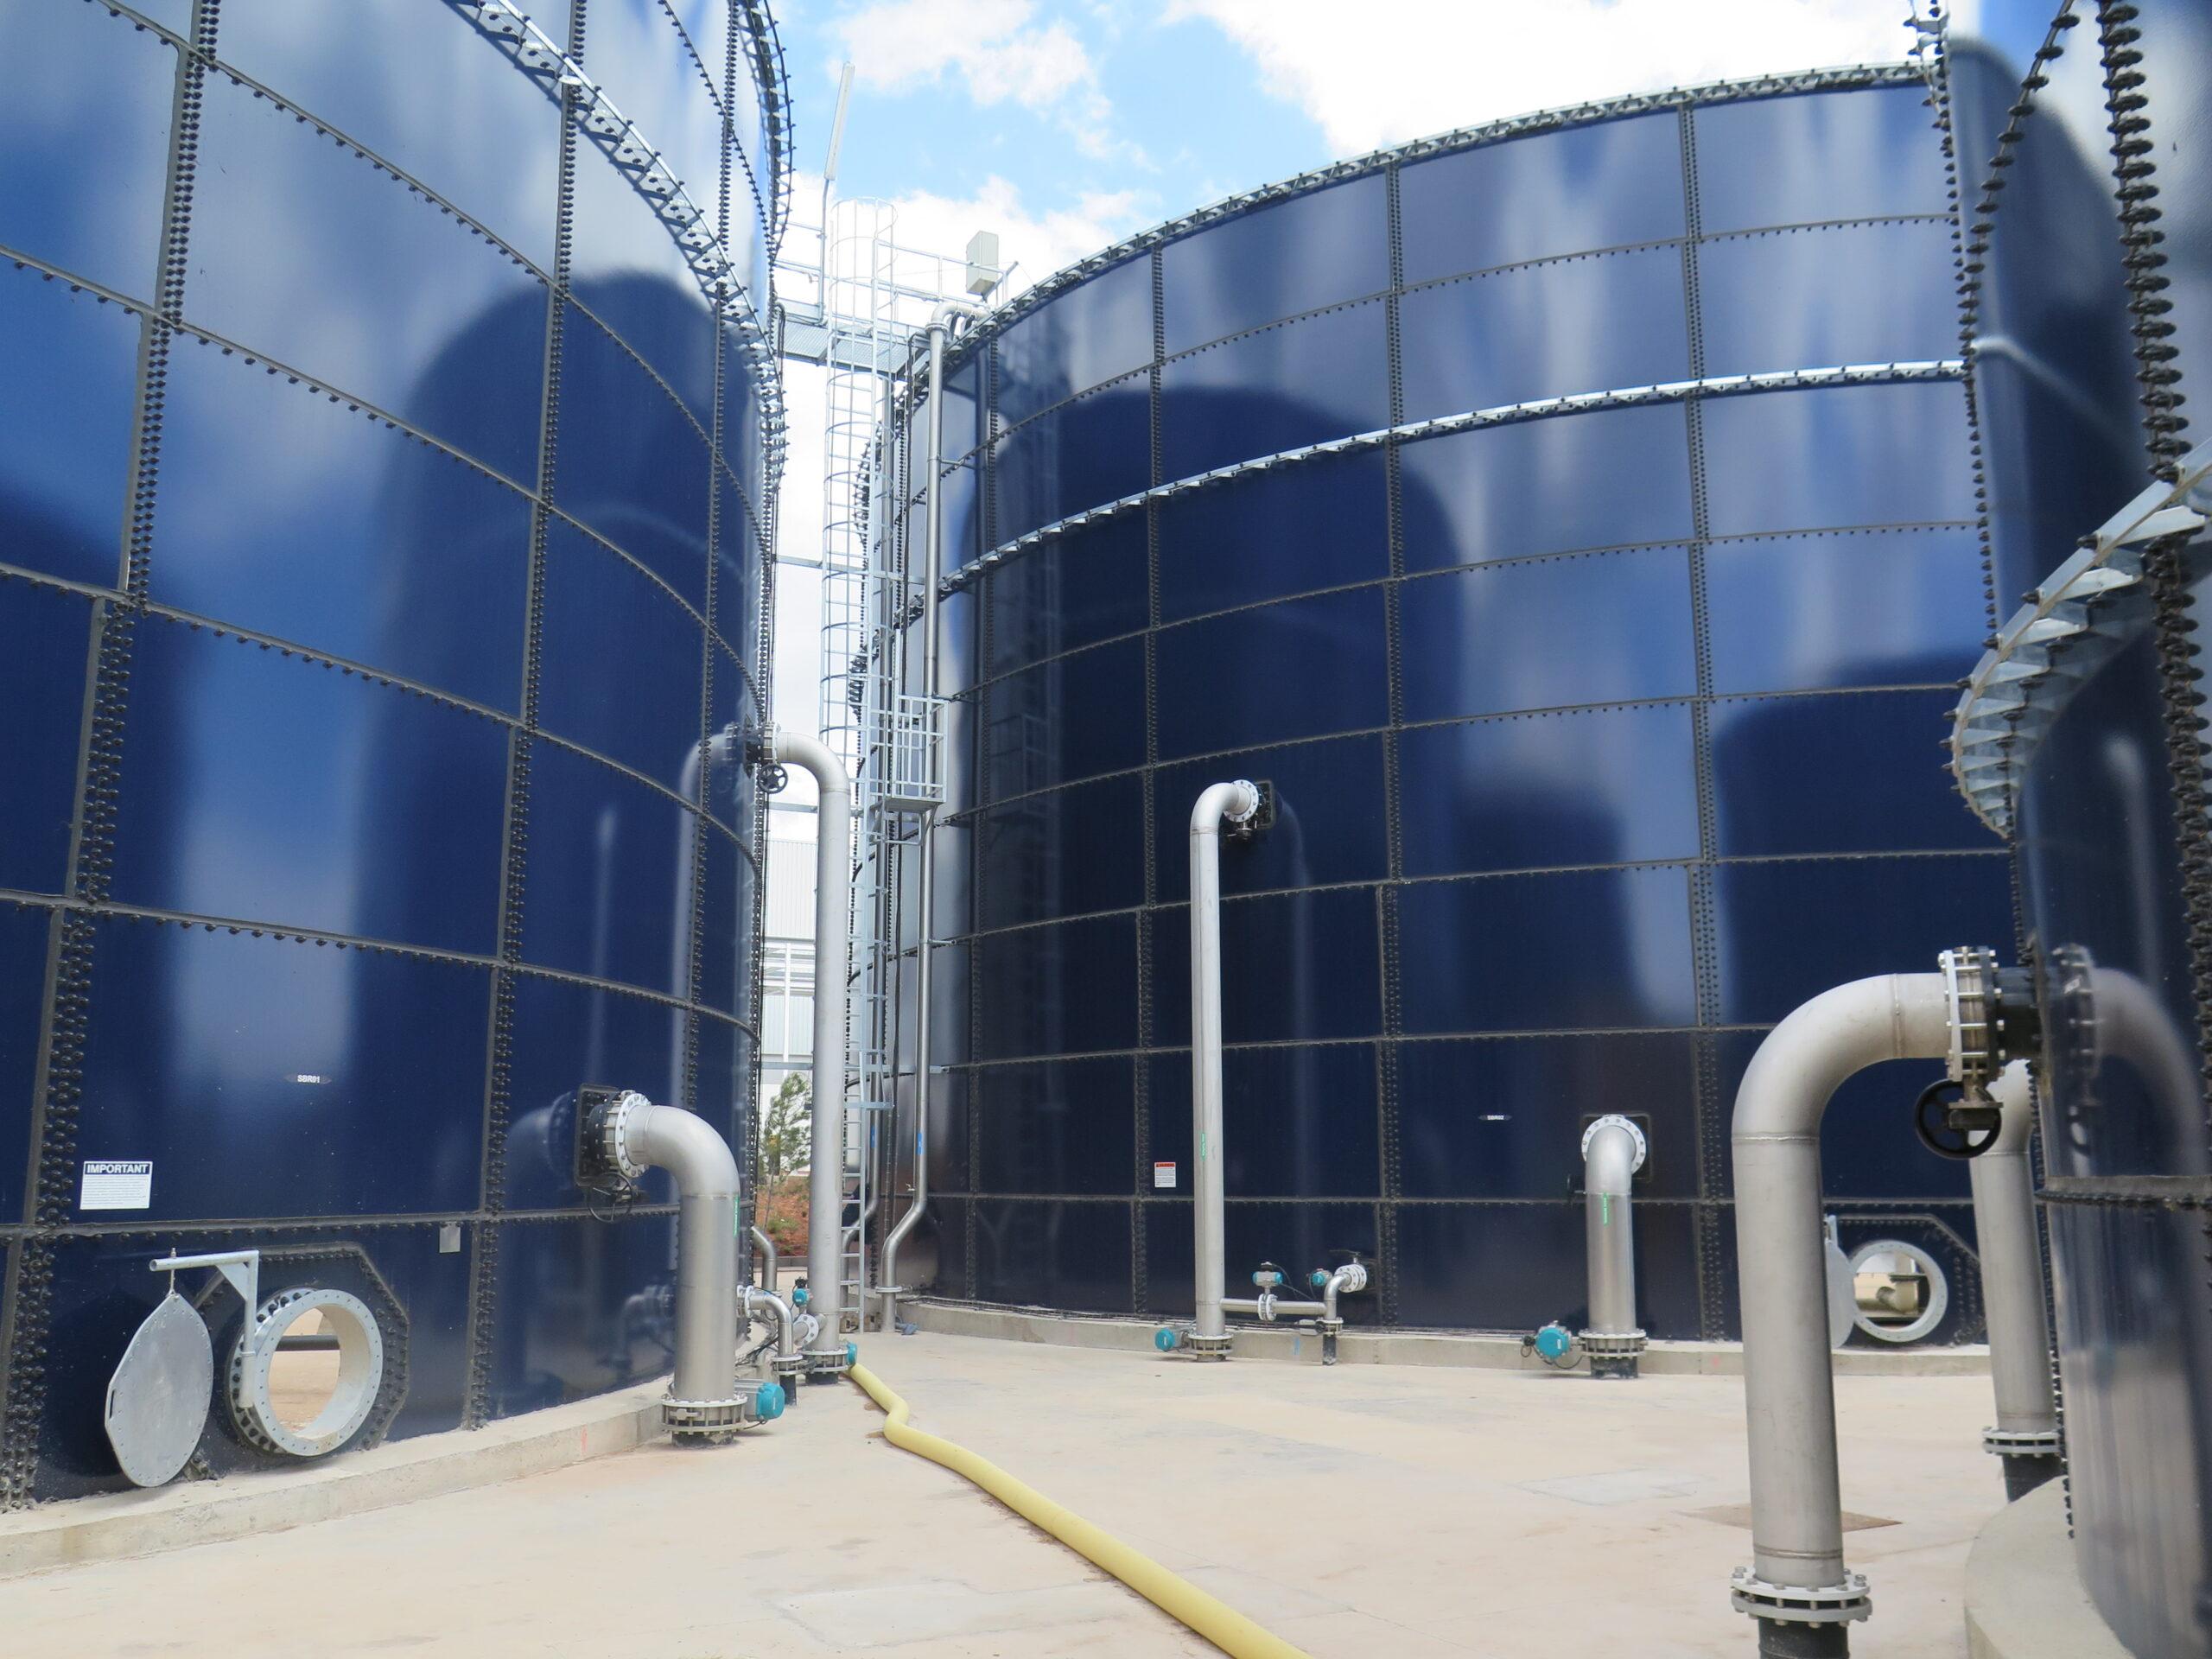 sitra-adjudicación-industria-aguas-residuales